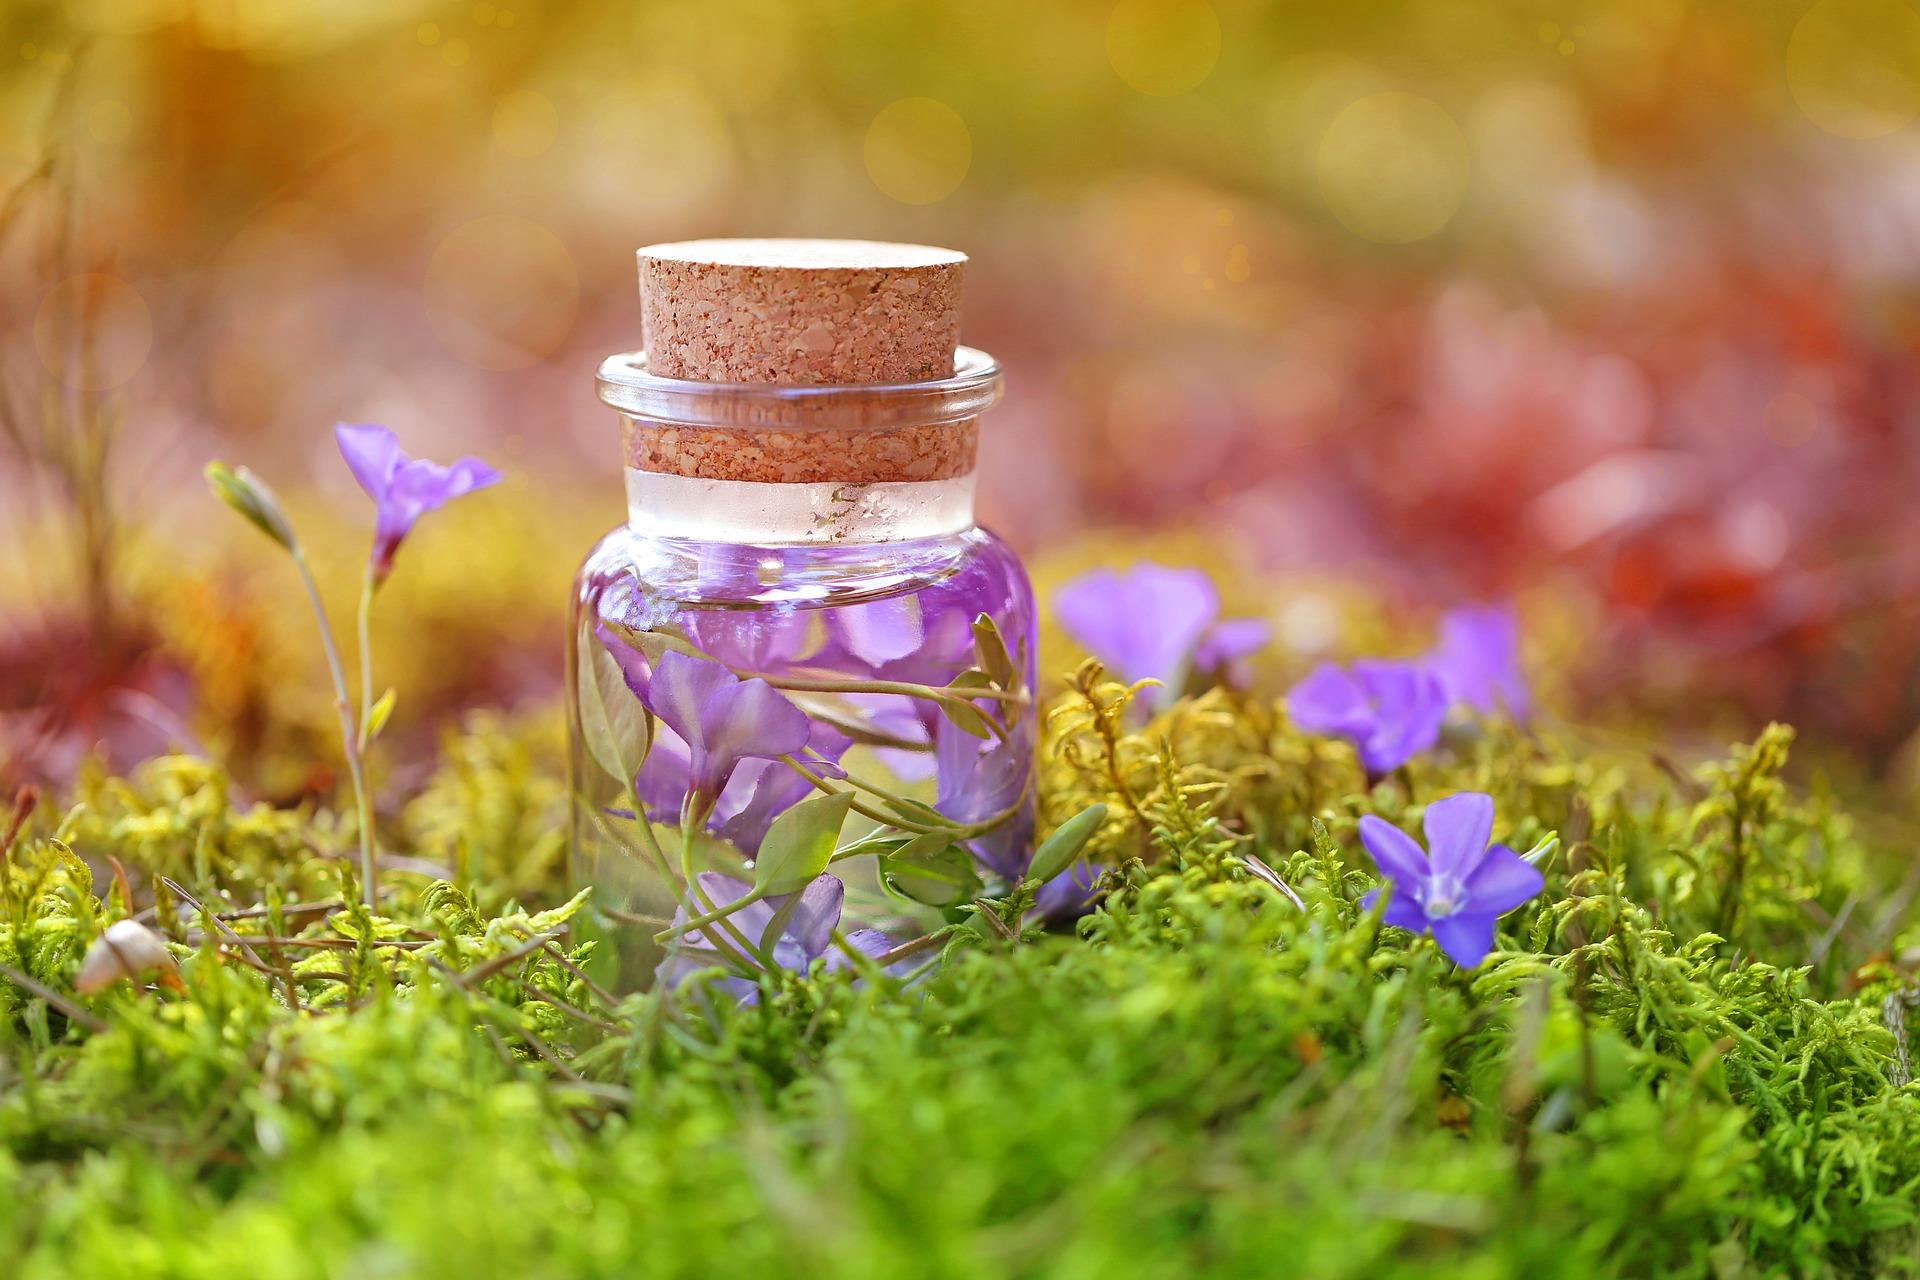 Nahaufnahme eines Gläschens mit eingelegten Blüten, steht in einem Feld derselben Blüten.